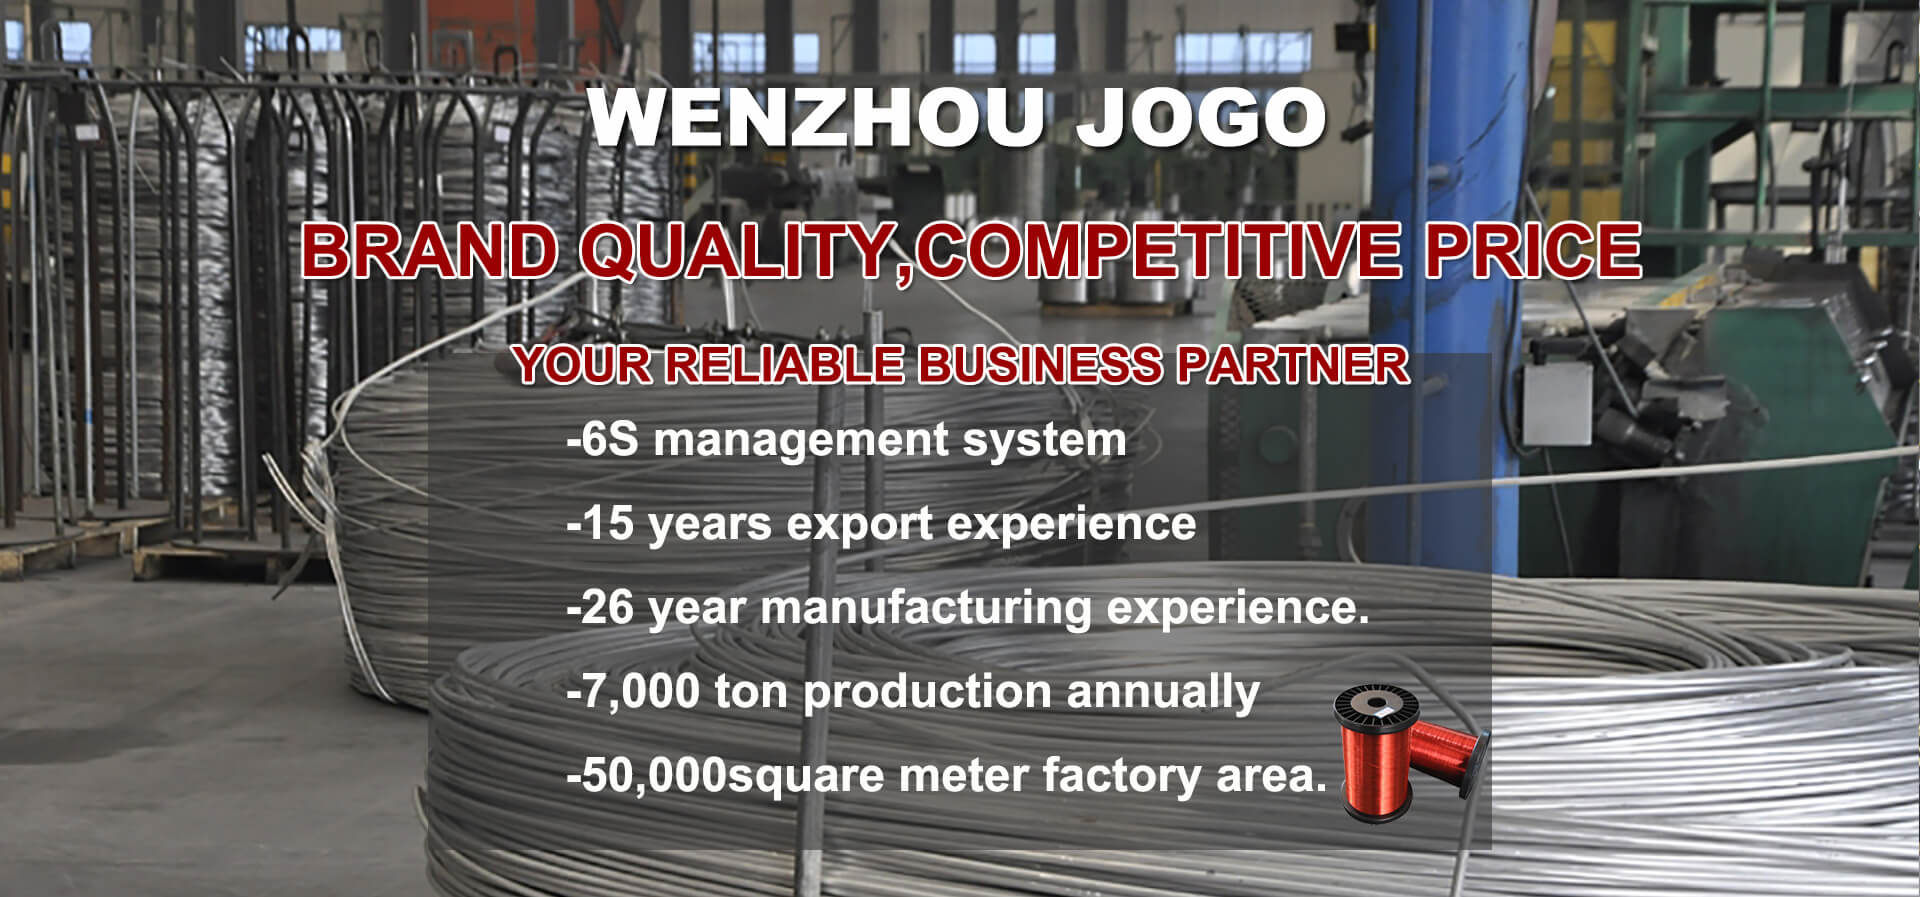 Wenzhou Jogo